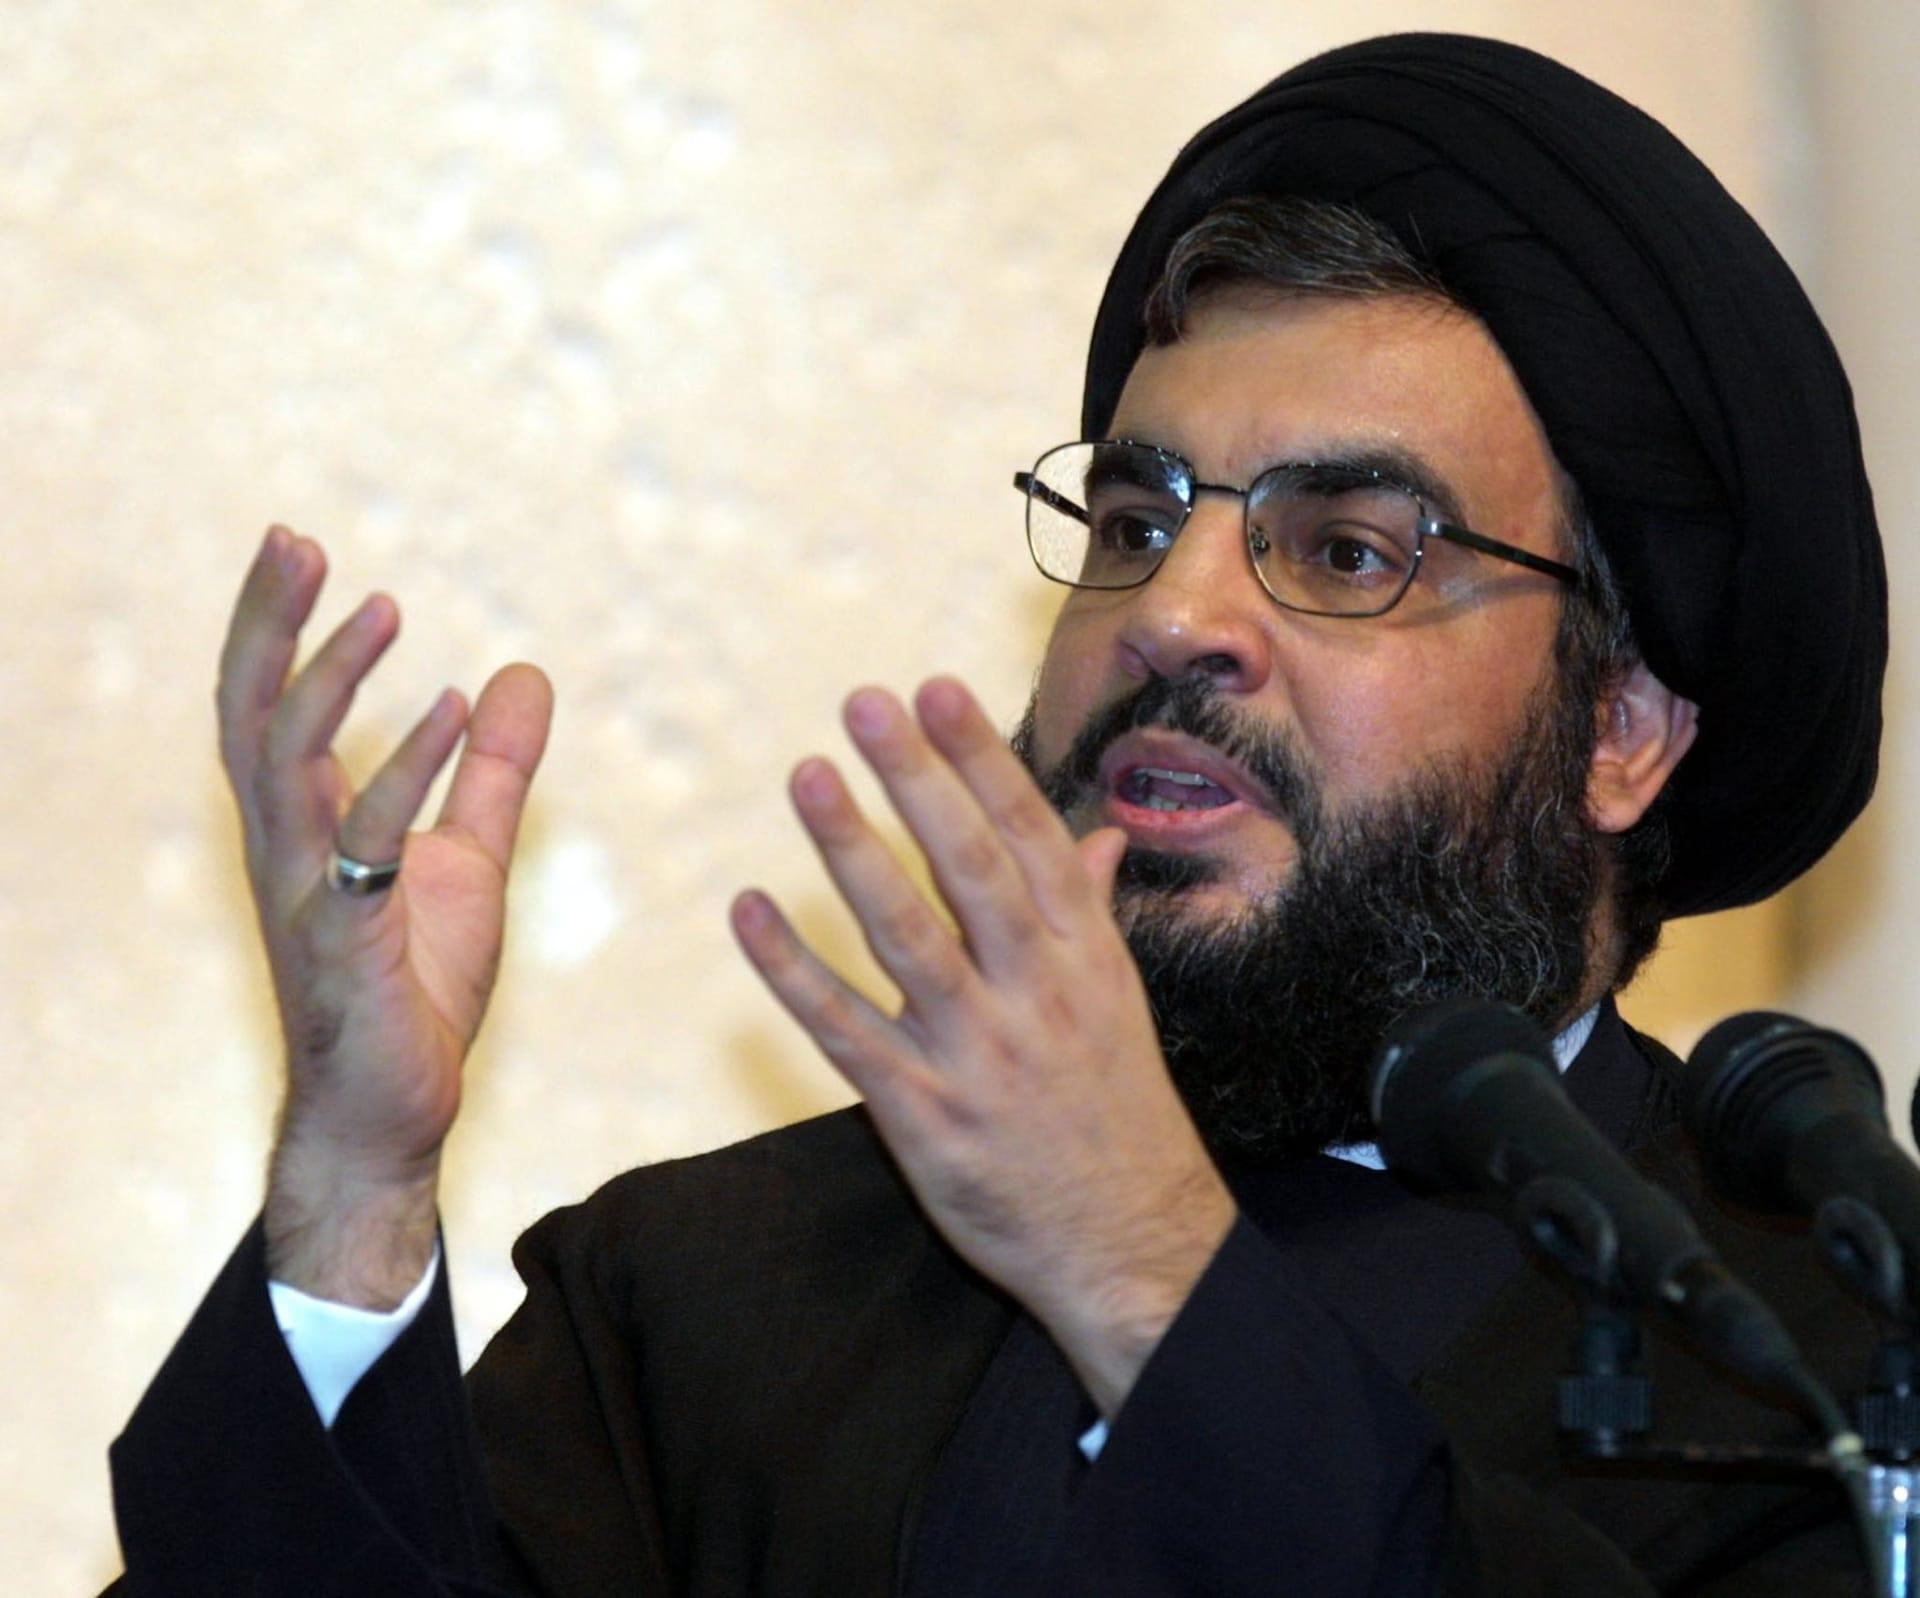 نصرالله يدعو للاقبال الكثيف بانتخابات لبنان: بري مرشح المقاومة ورئيس مجلس النواب المقبل